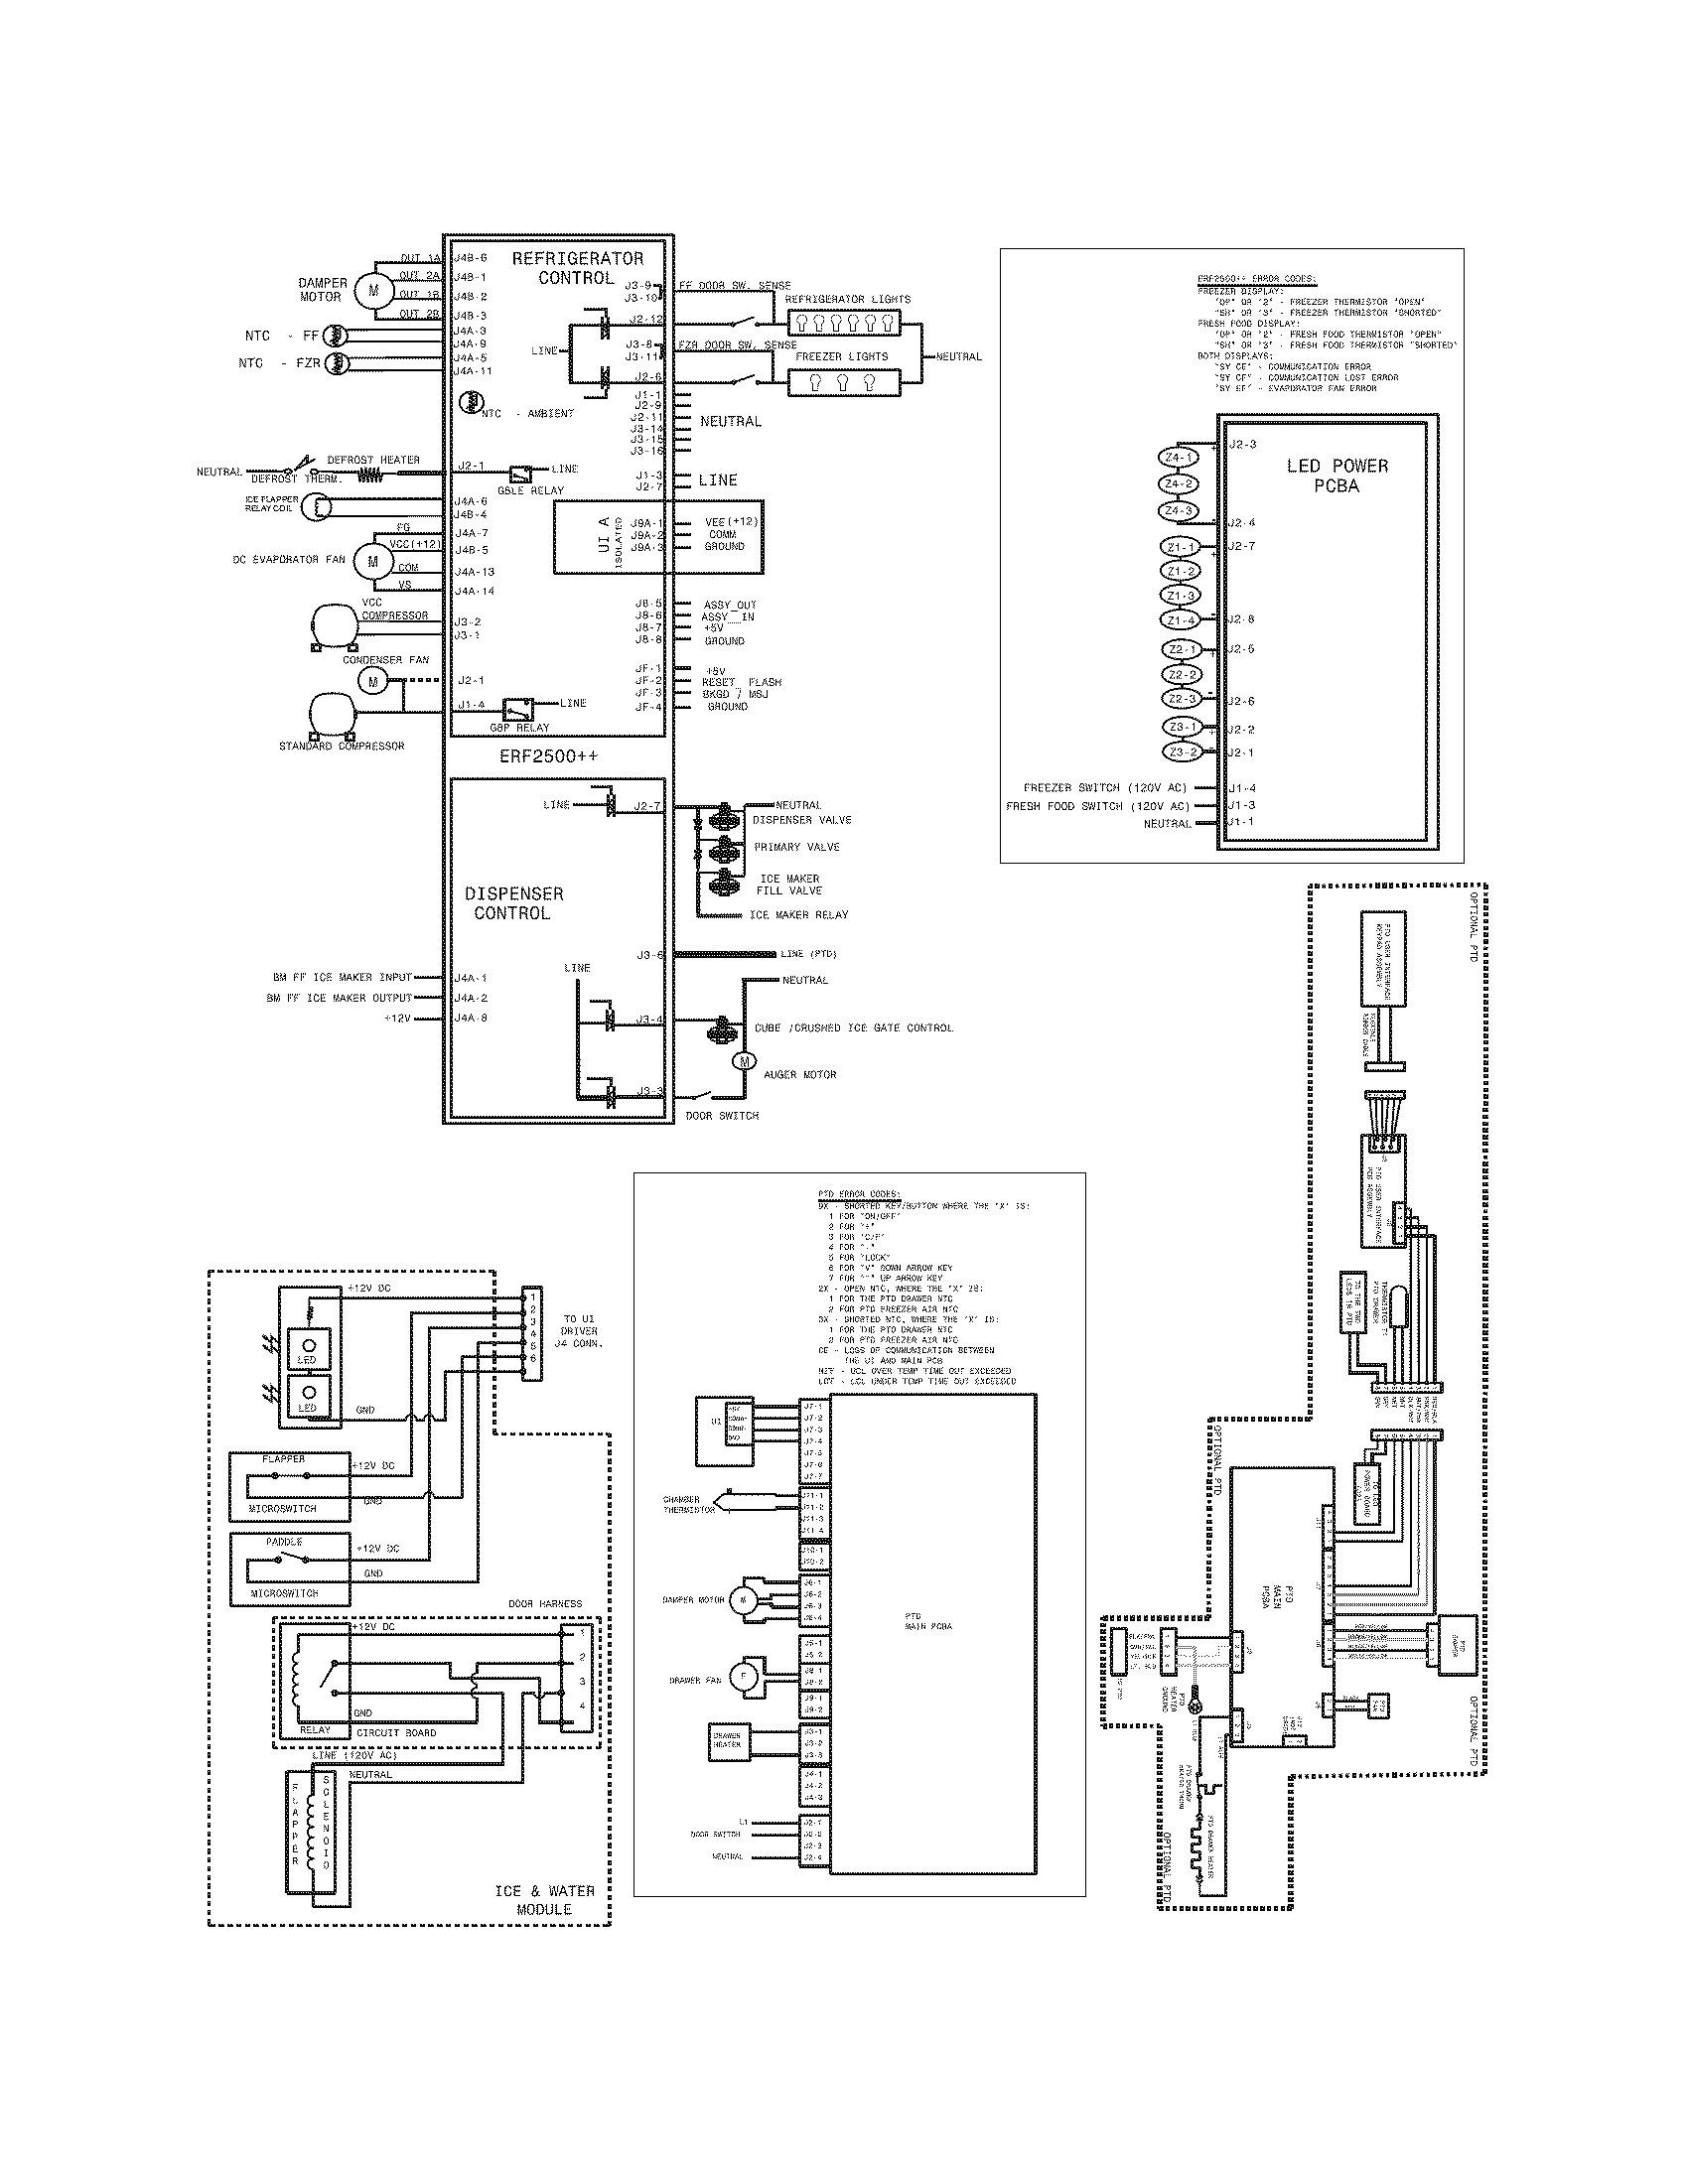 John Deere Gx345 Electrical Diagrams John Deere Lx176 Wiring Diagram Diagram Base Website Wiring Of John Deere Gx345 Electrical Diagrams